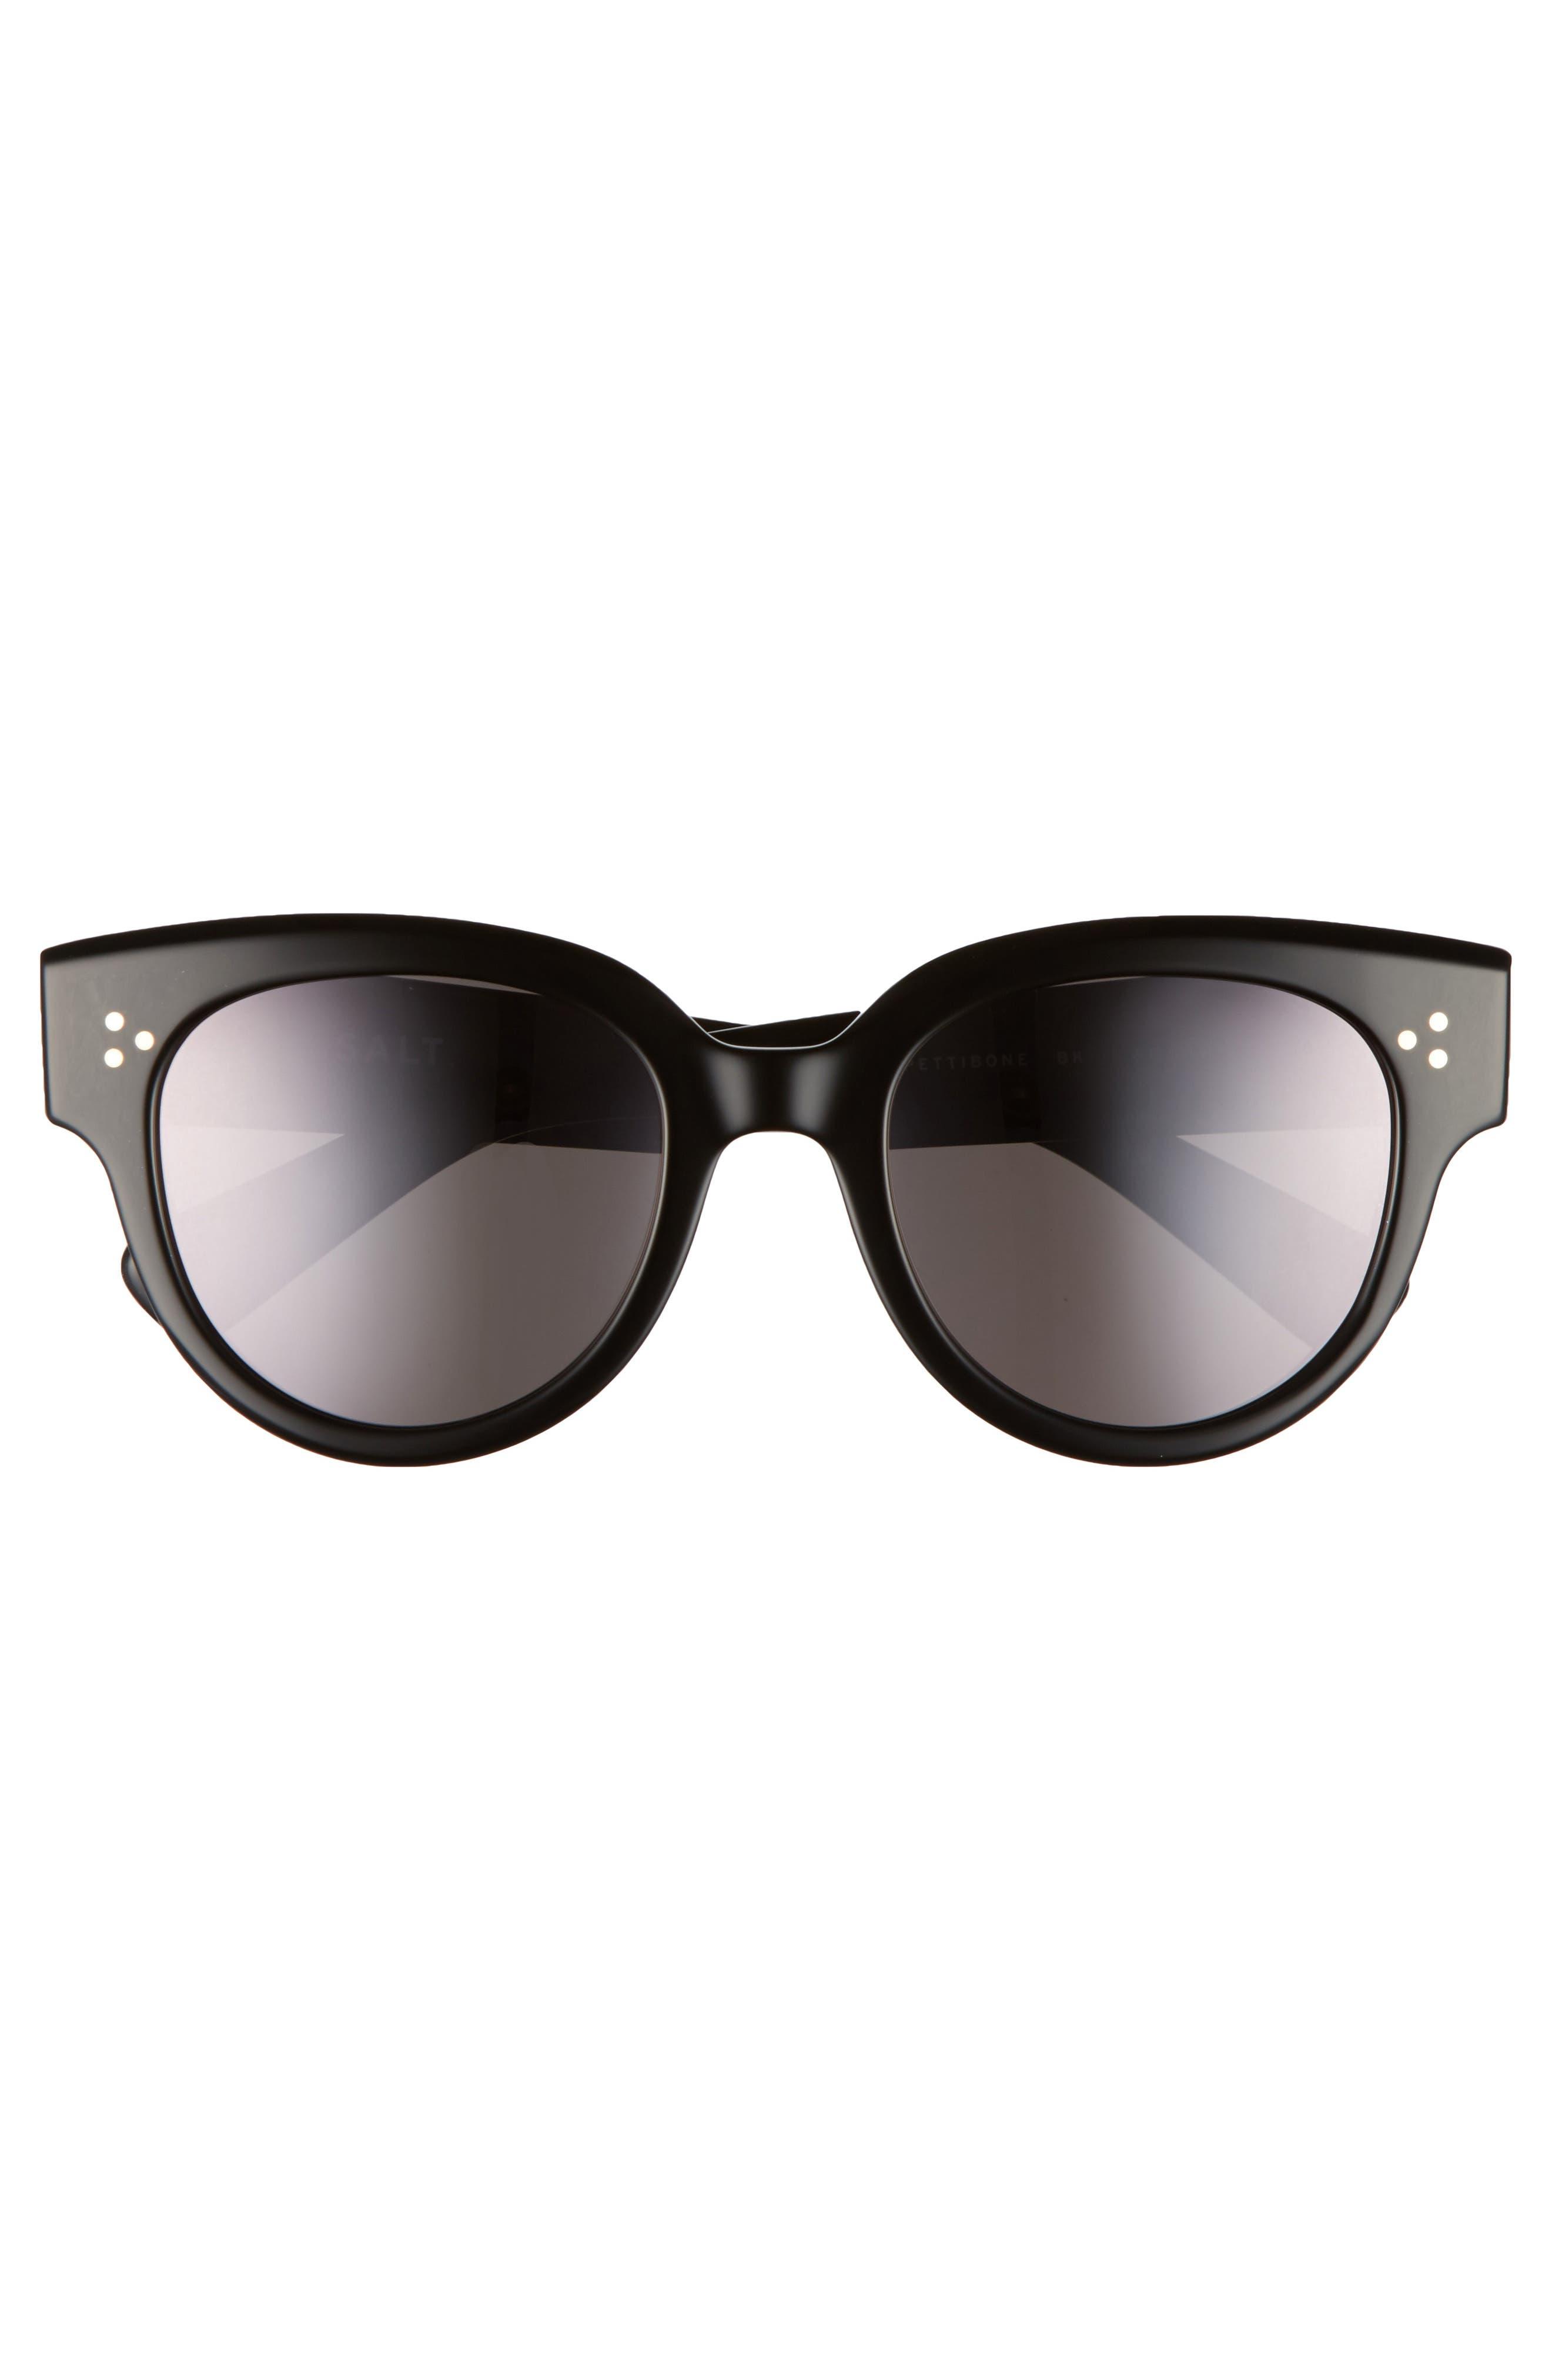 Pettibone 52mm Polarized Sunglasses,                             Alternate thumbnail 3, color,                             001